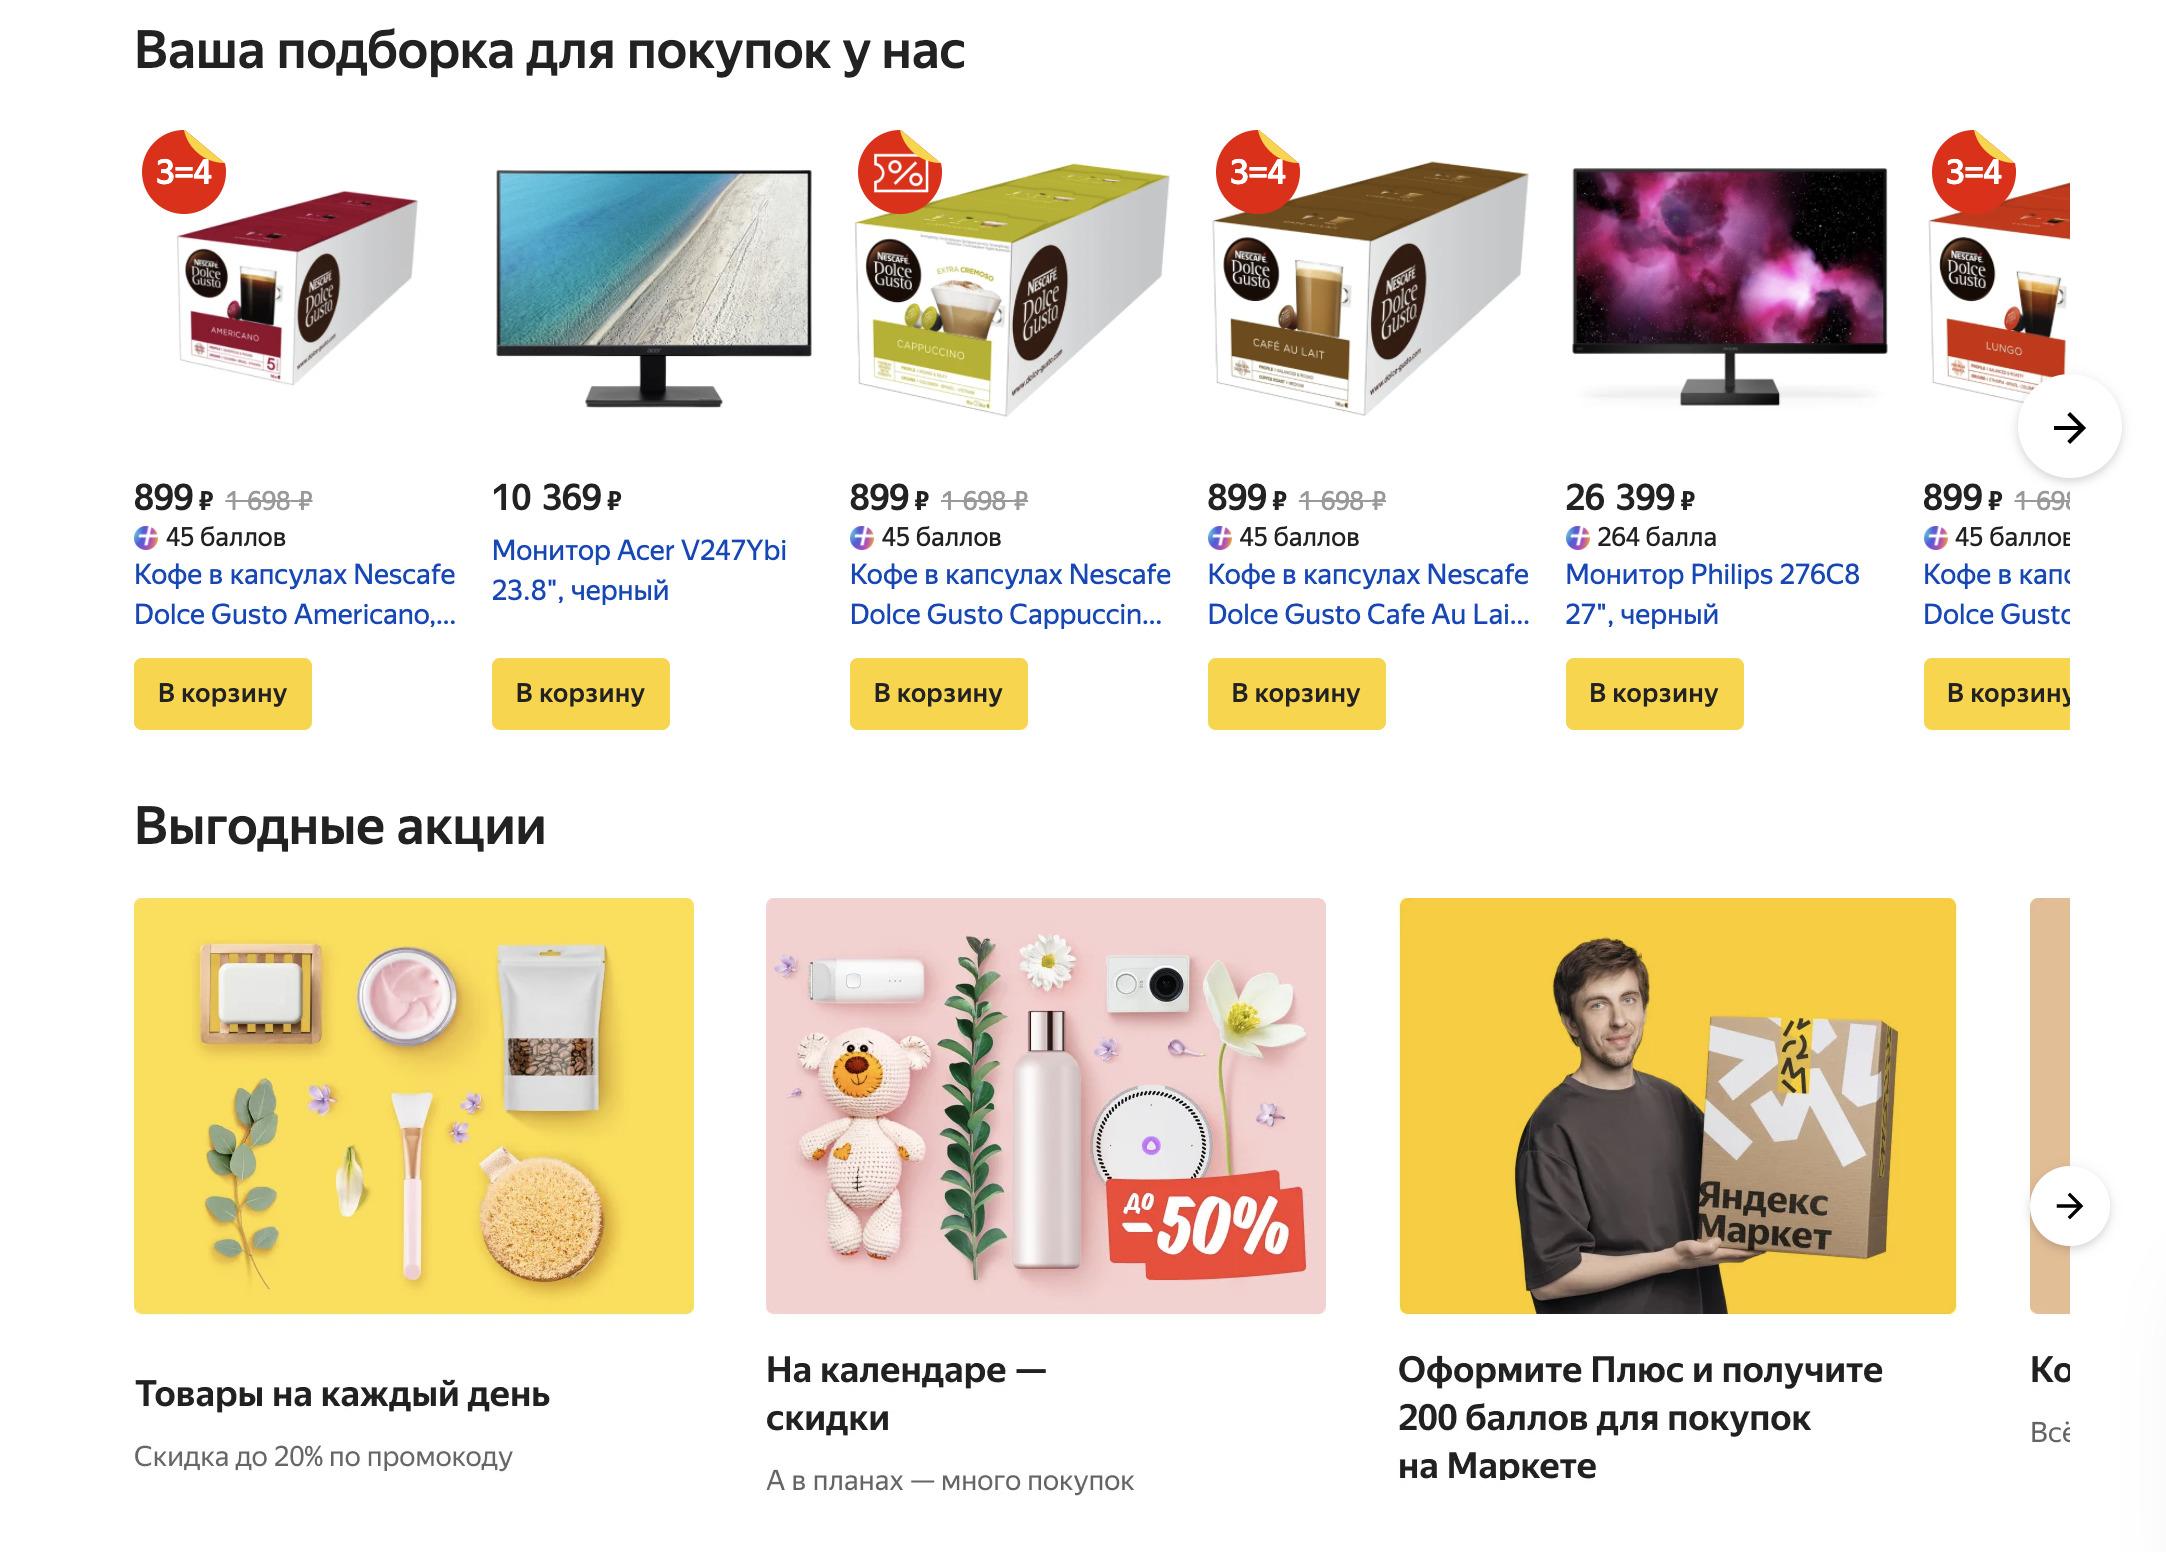 Доставка из Яндекс.Маркет в Муром, сроки, пункты выдачи, каталог